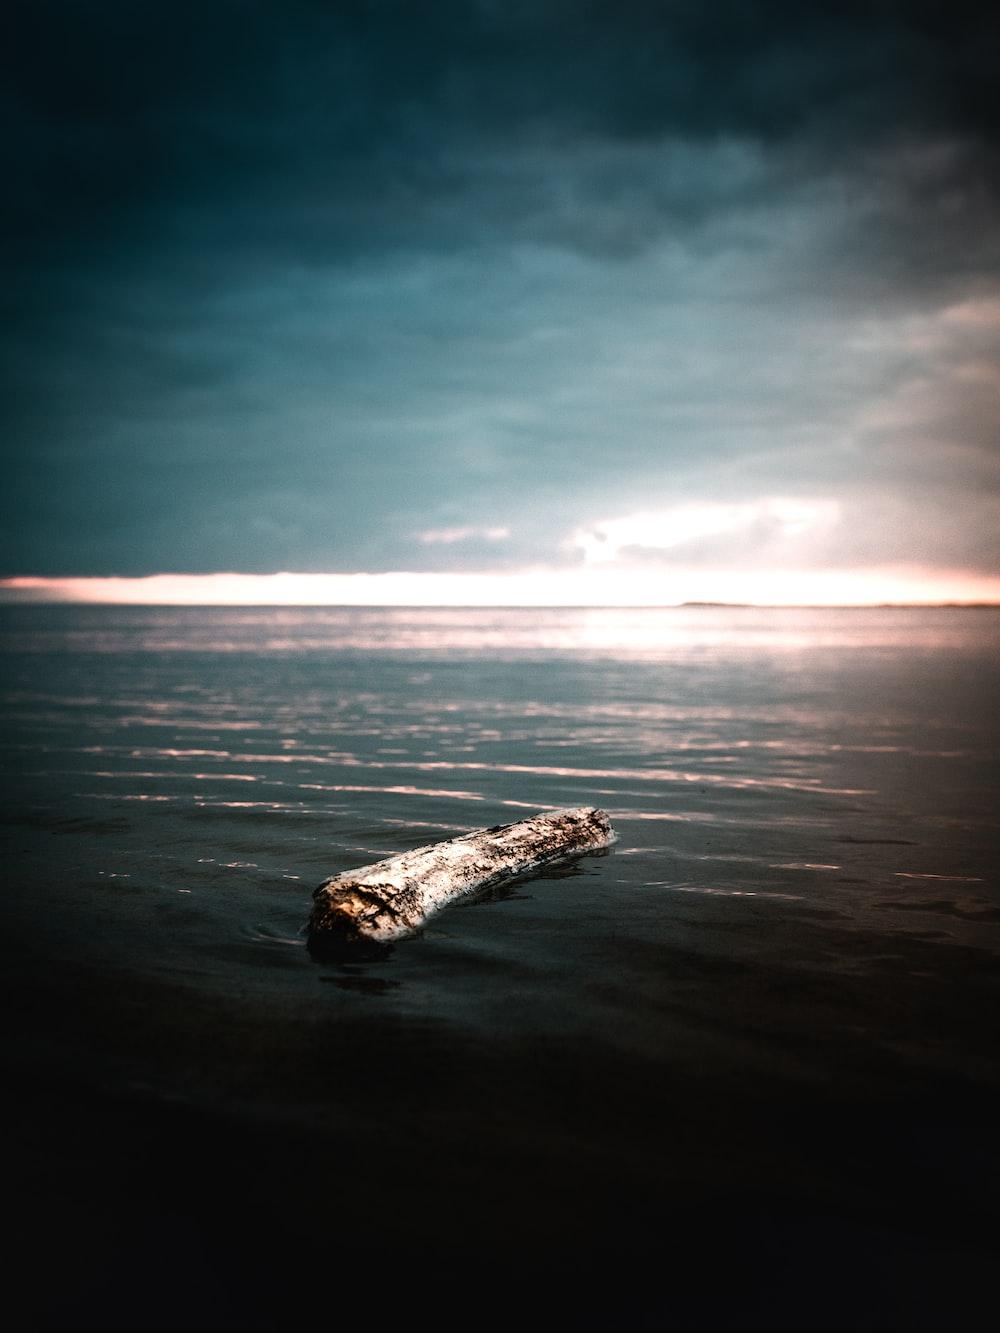 driftwood on sea